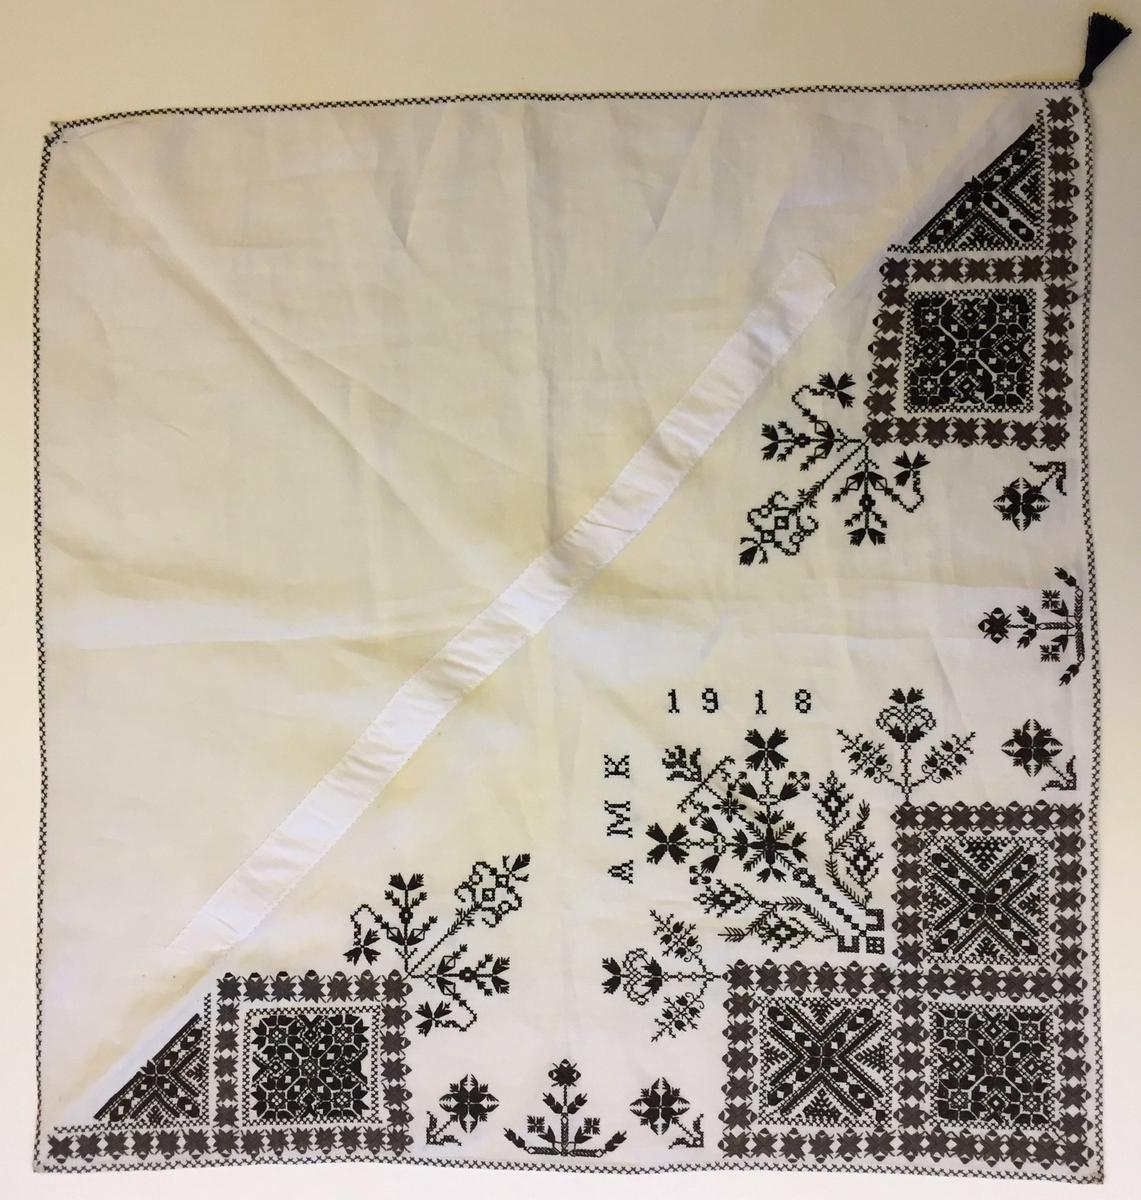 Kvadrater omgivna av blomsterliknande bård. I kvadraterna blomsterliknande geografiskt mönster, rikt dekorerad majstångsspira mellan kvadraterna blomsterliknande motiv.